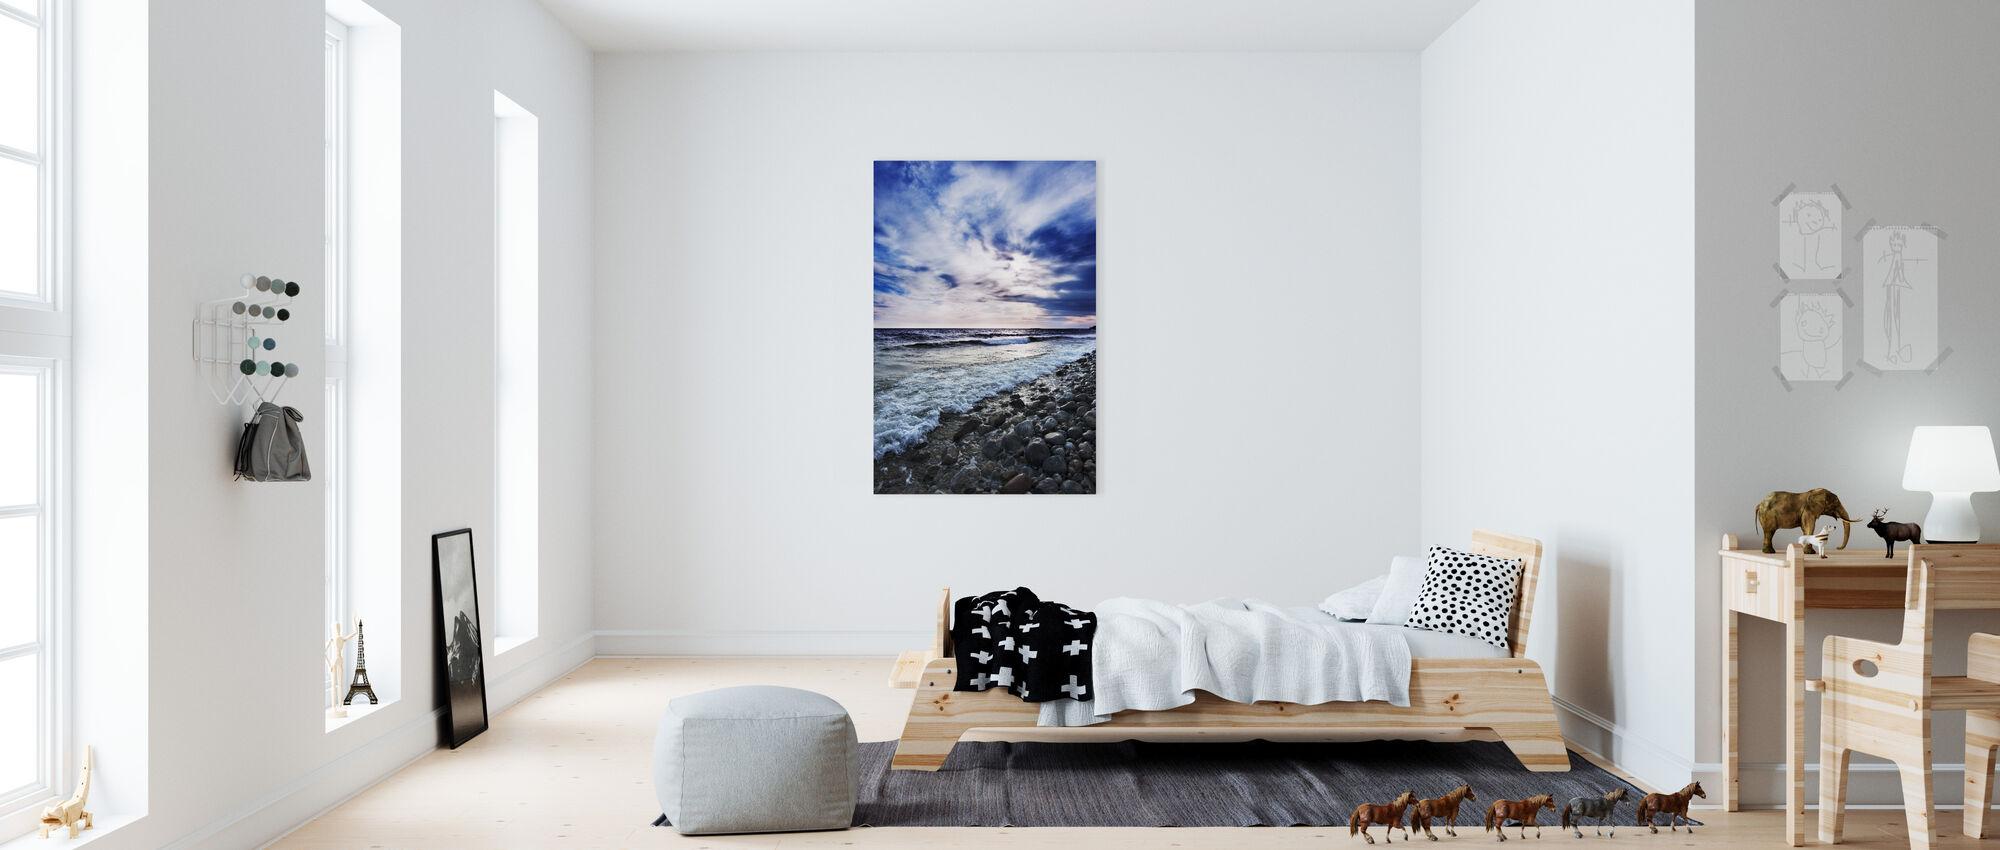 Waves of Torö, Sweden - Canvas print - Kids Room